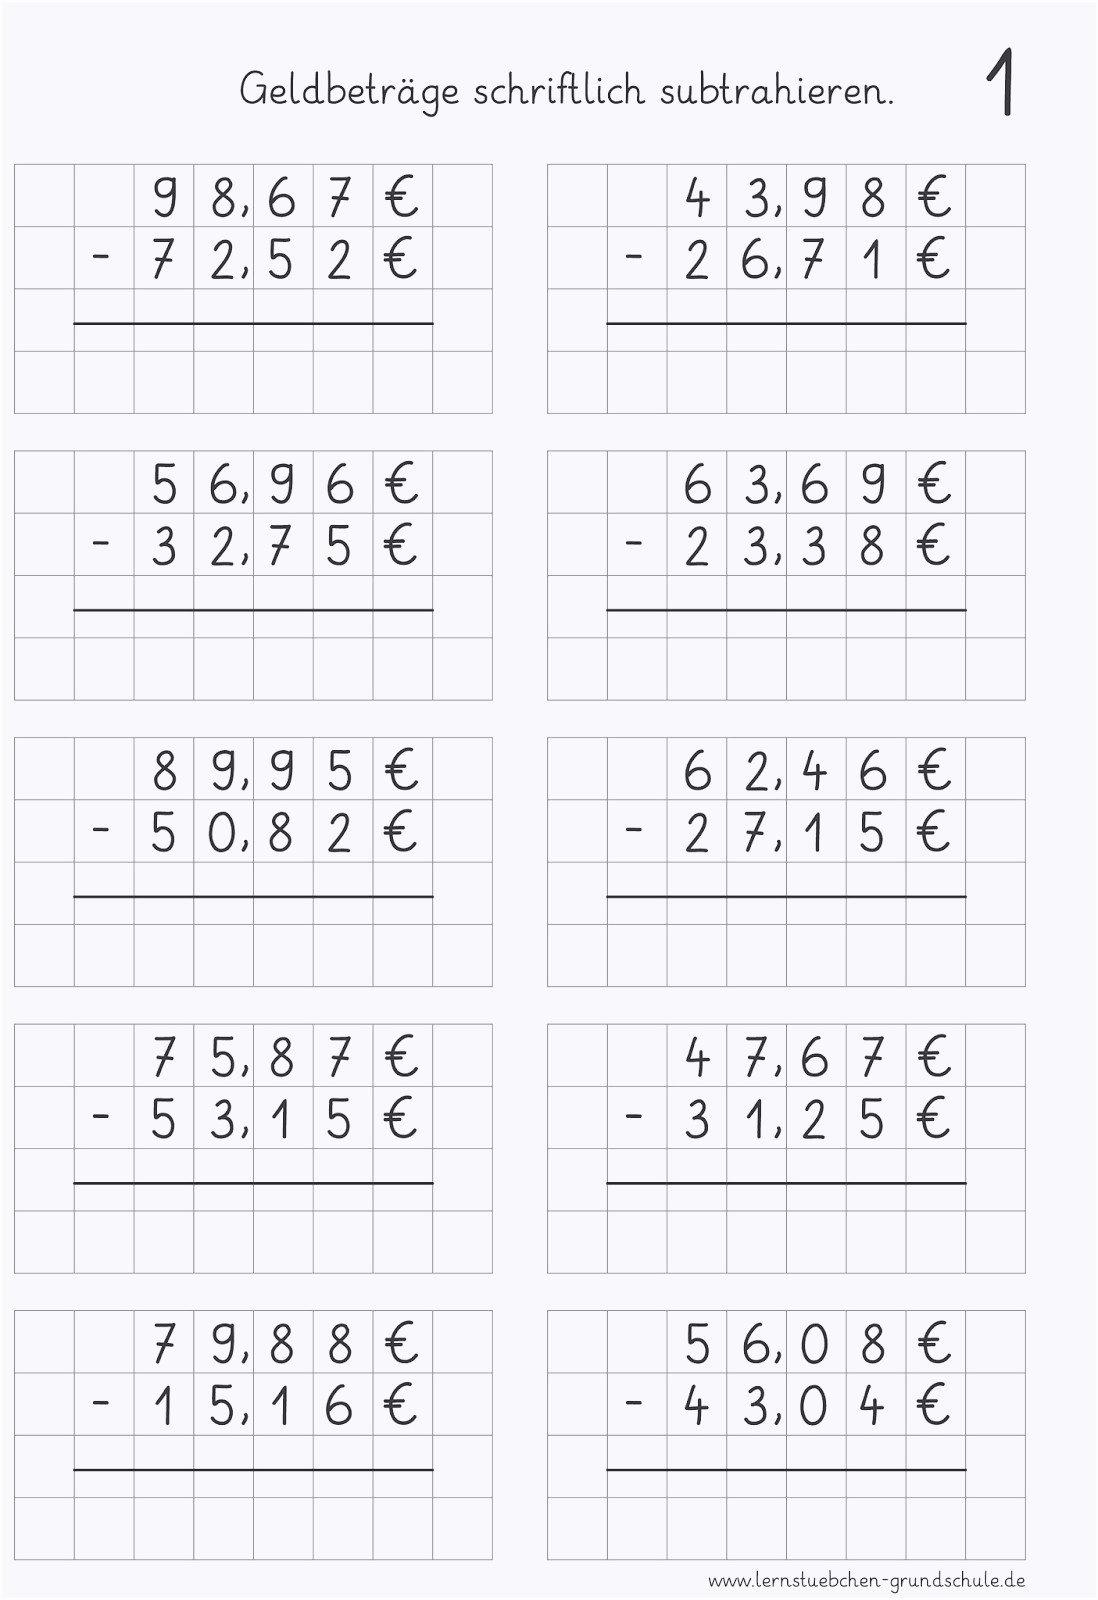 Matheaufgaben Klasse 3 Zum Ausdrucken Neu Besten Der mit Mathe Arbeitsblätter Klasse 3 Zum Ausdrucken